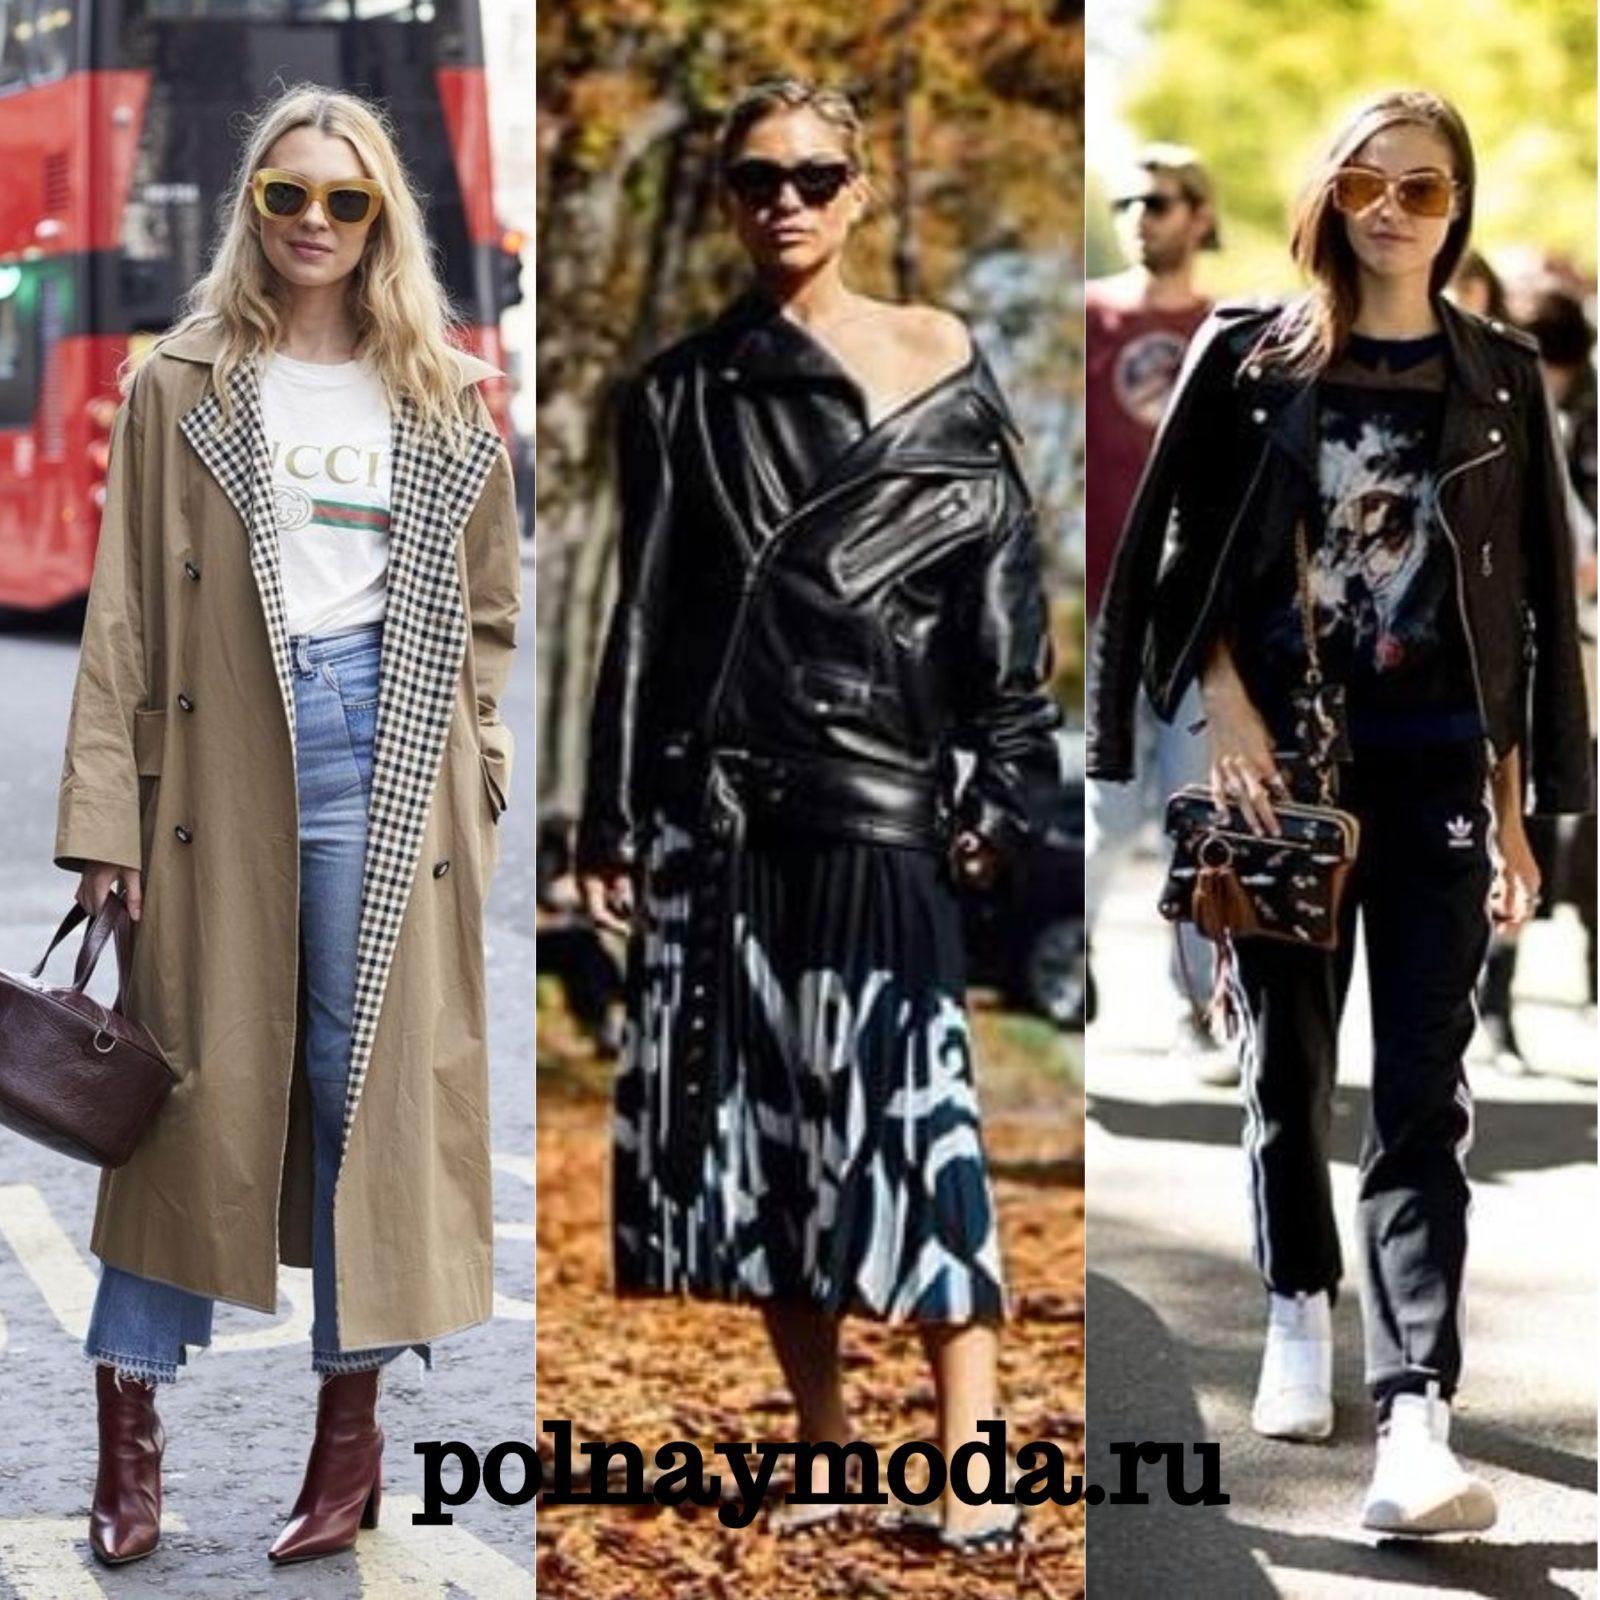 уличный стиль мода 2018 лето весна тренч пончо куртка плащ